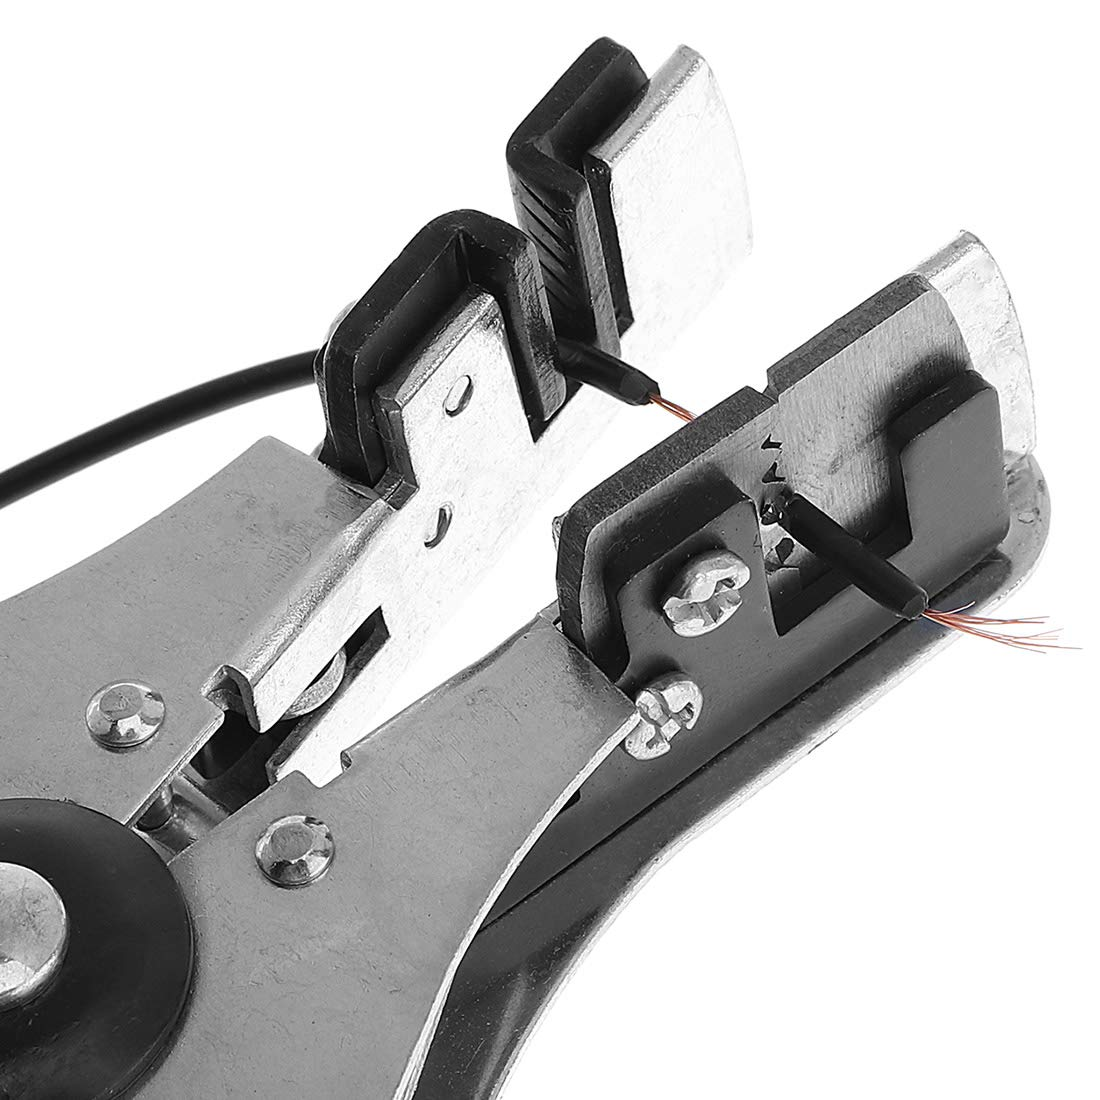 engarzar cortador de alambre y pelacables OriGlam Pelacables de precisi/ón de 7 pulgadas pelacables autom/ático alicates m/últiples para pelar cortador de cables cortar